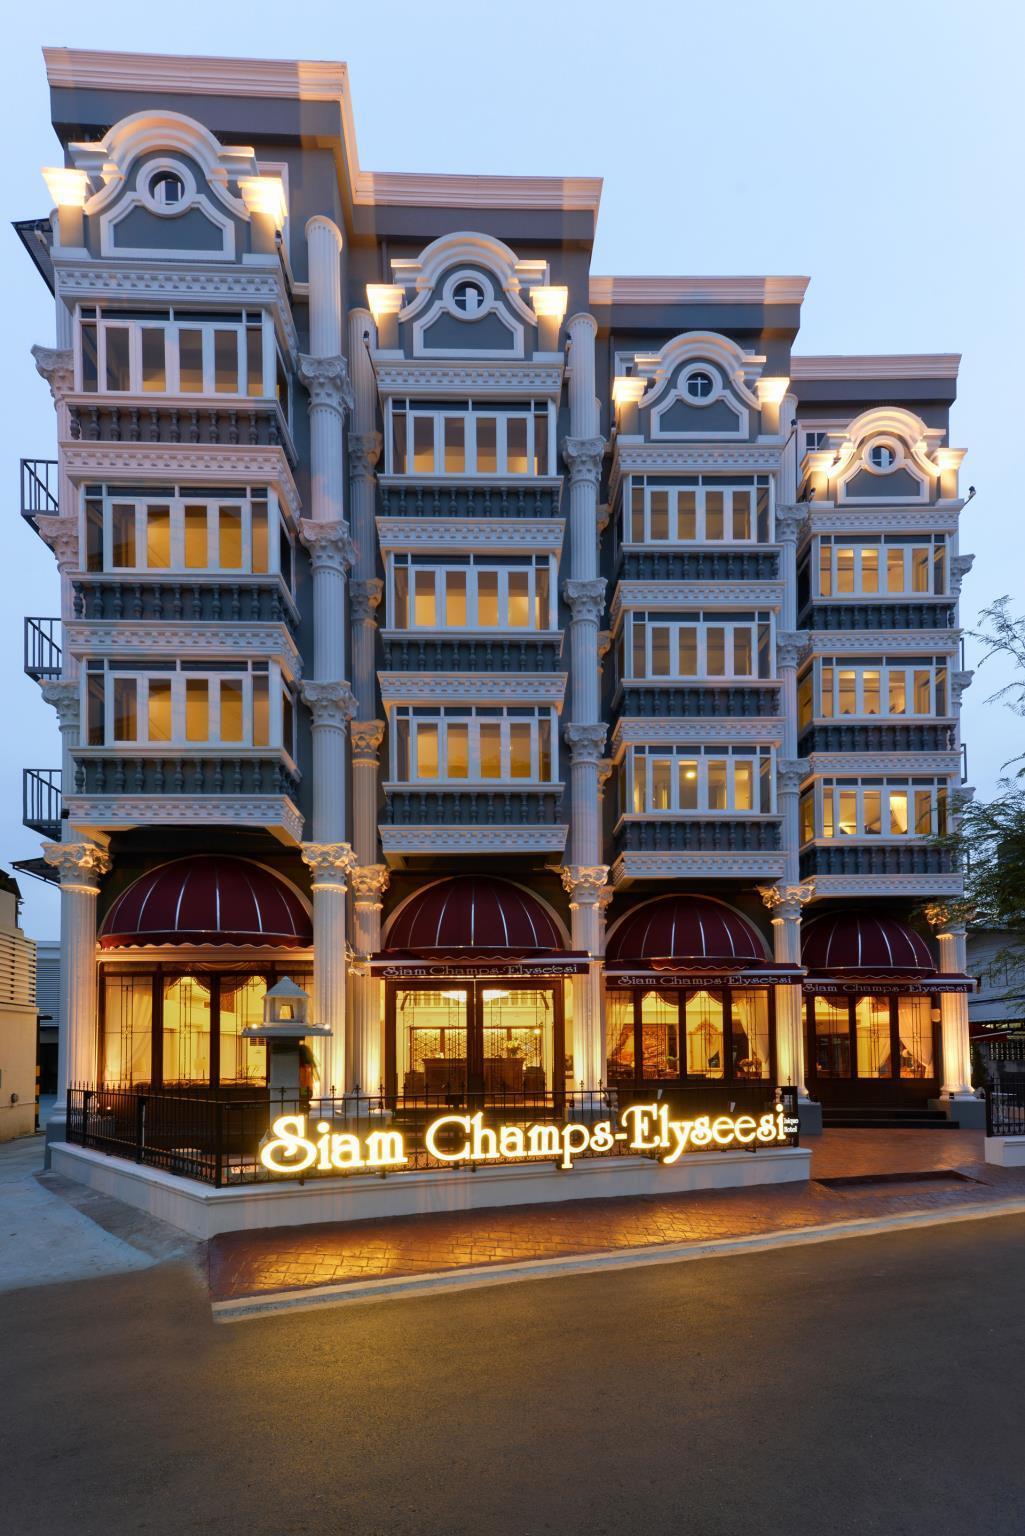 Siam-Champs Elyseesi Unique Hotel Bangkok สยาม - ชอง เอลิเซ ยูนิก โฮเต็ล แบงค็อก